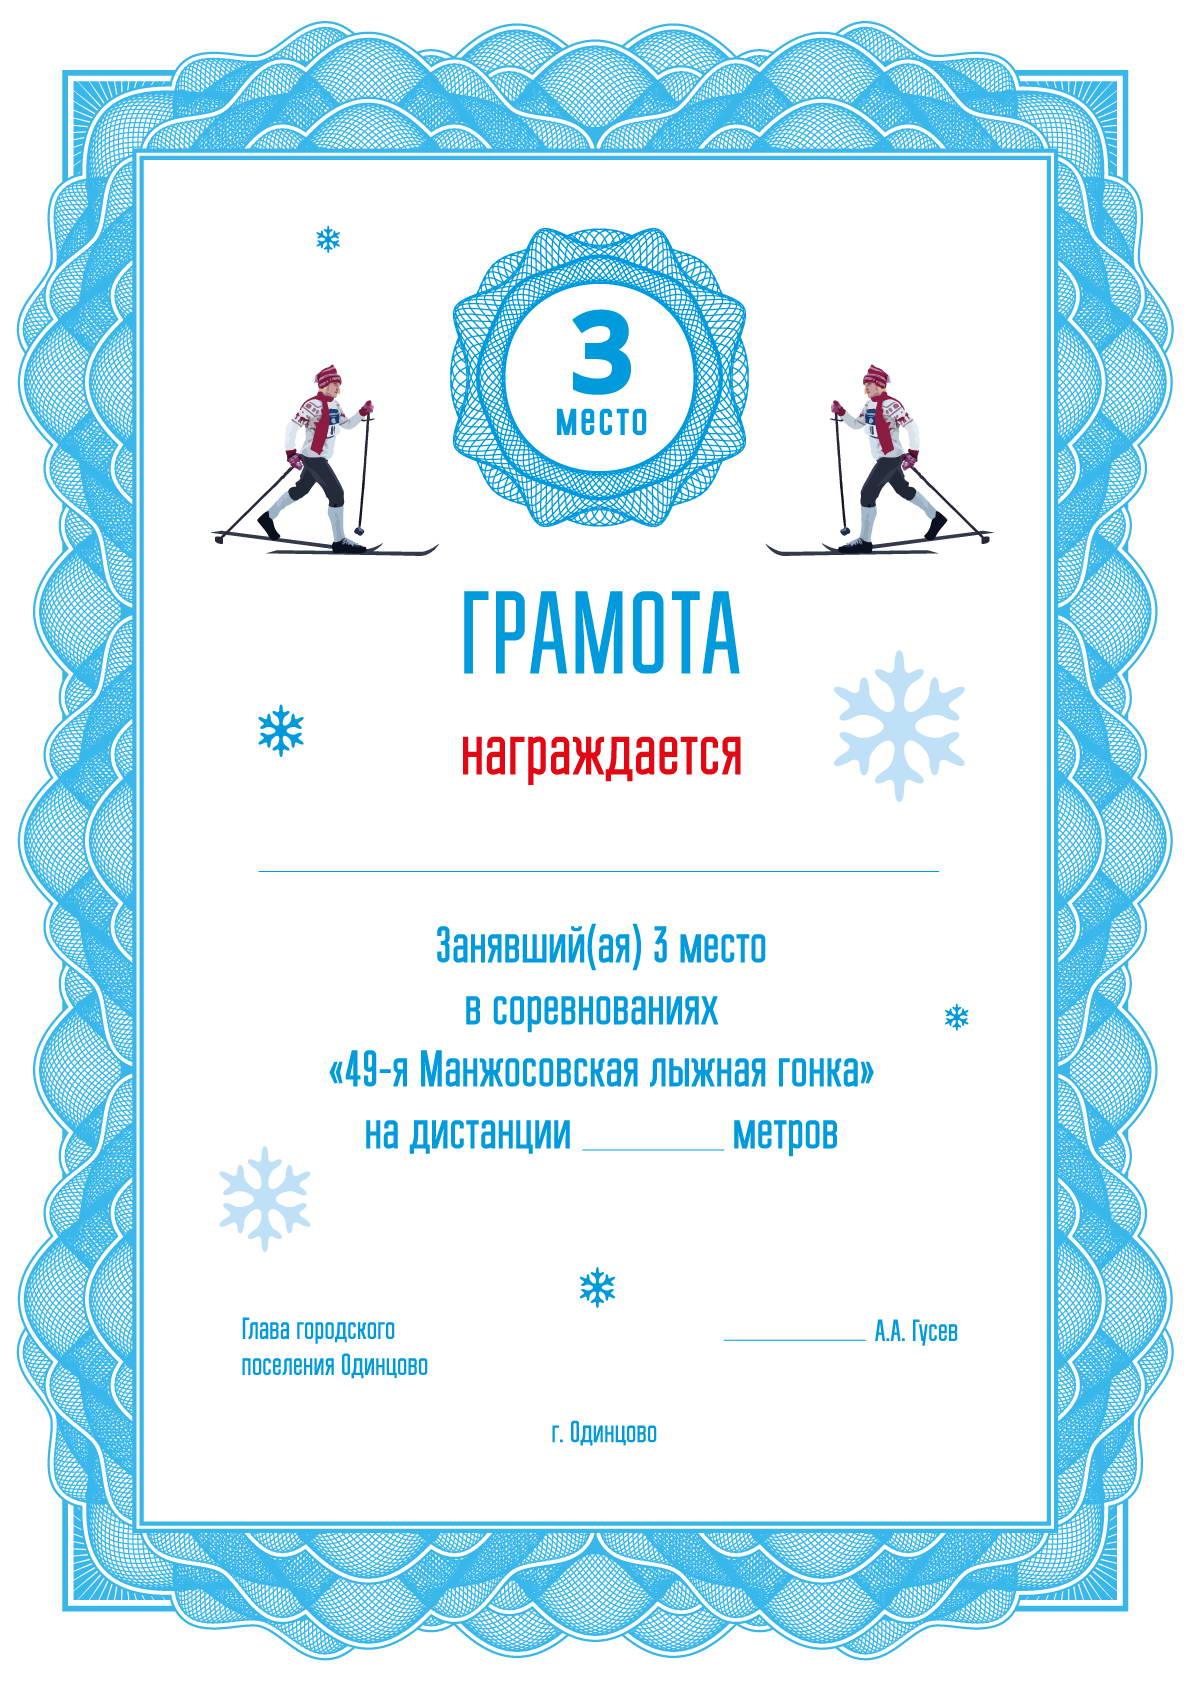 Дизайн почетной грамоты Манжосовская лыжная гонка